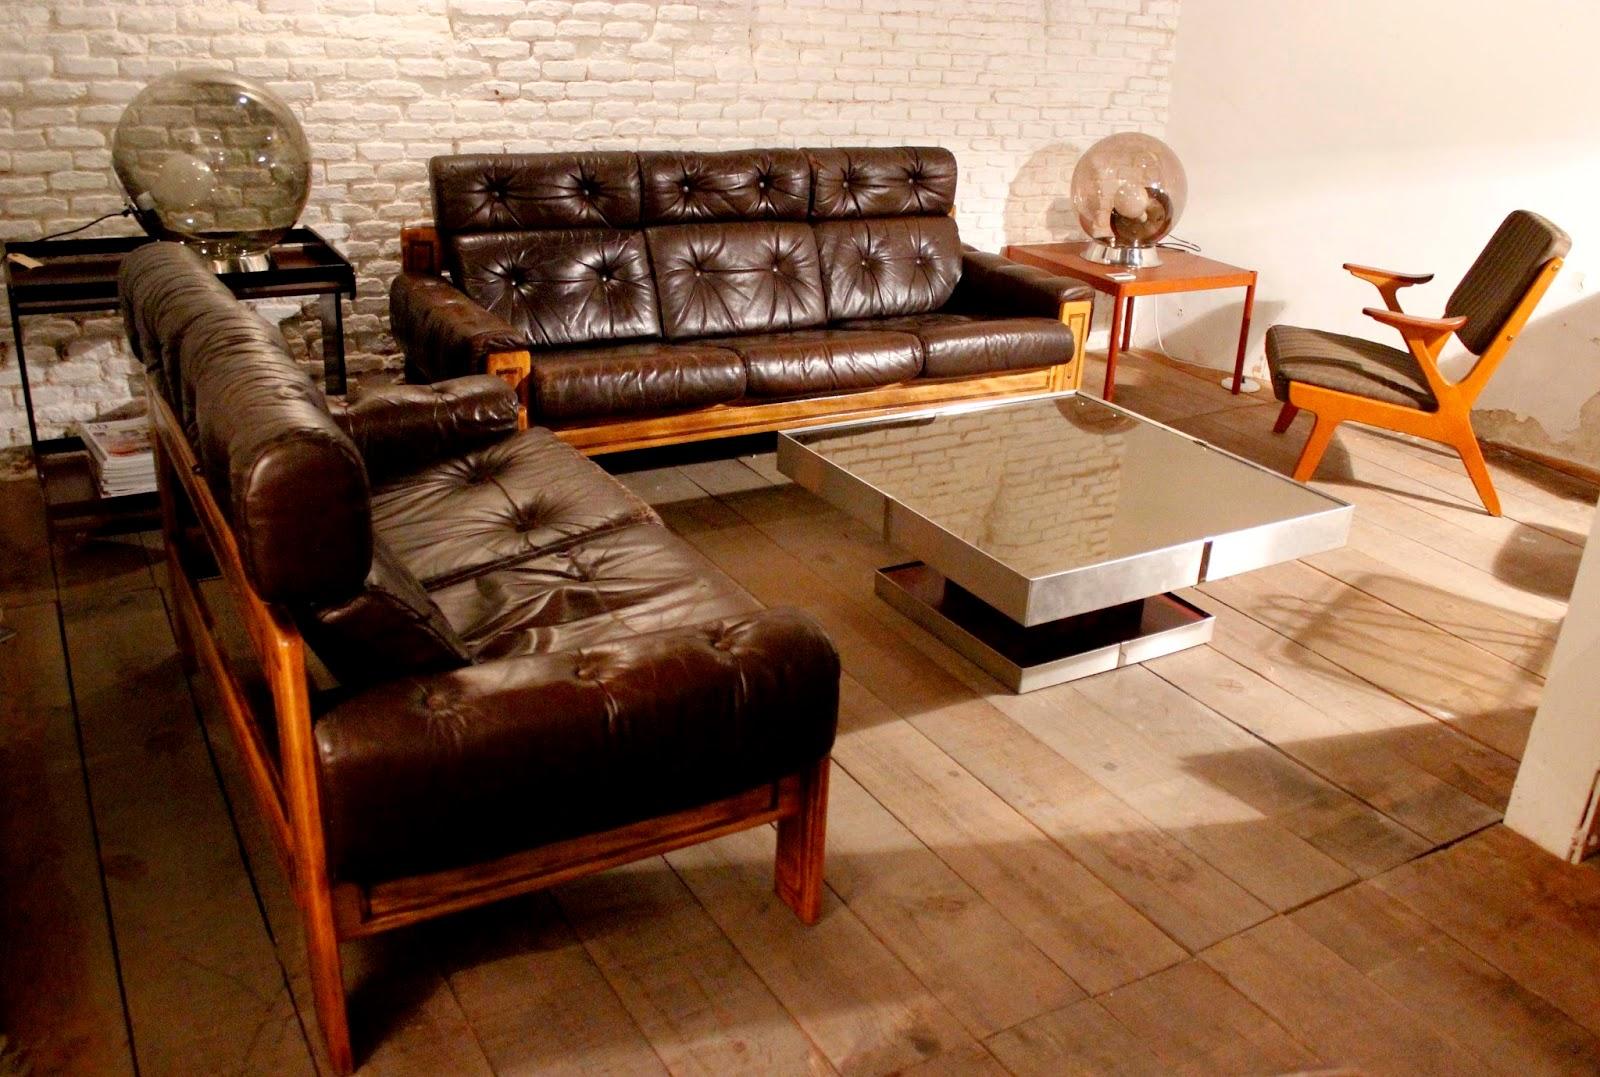 Tienda decoracion vintage barata - Muebles online vintage ...